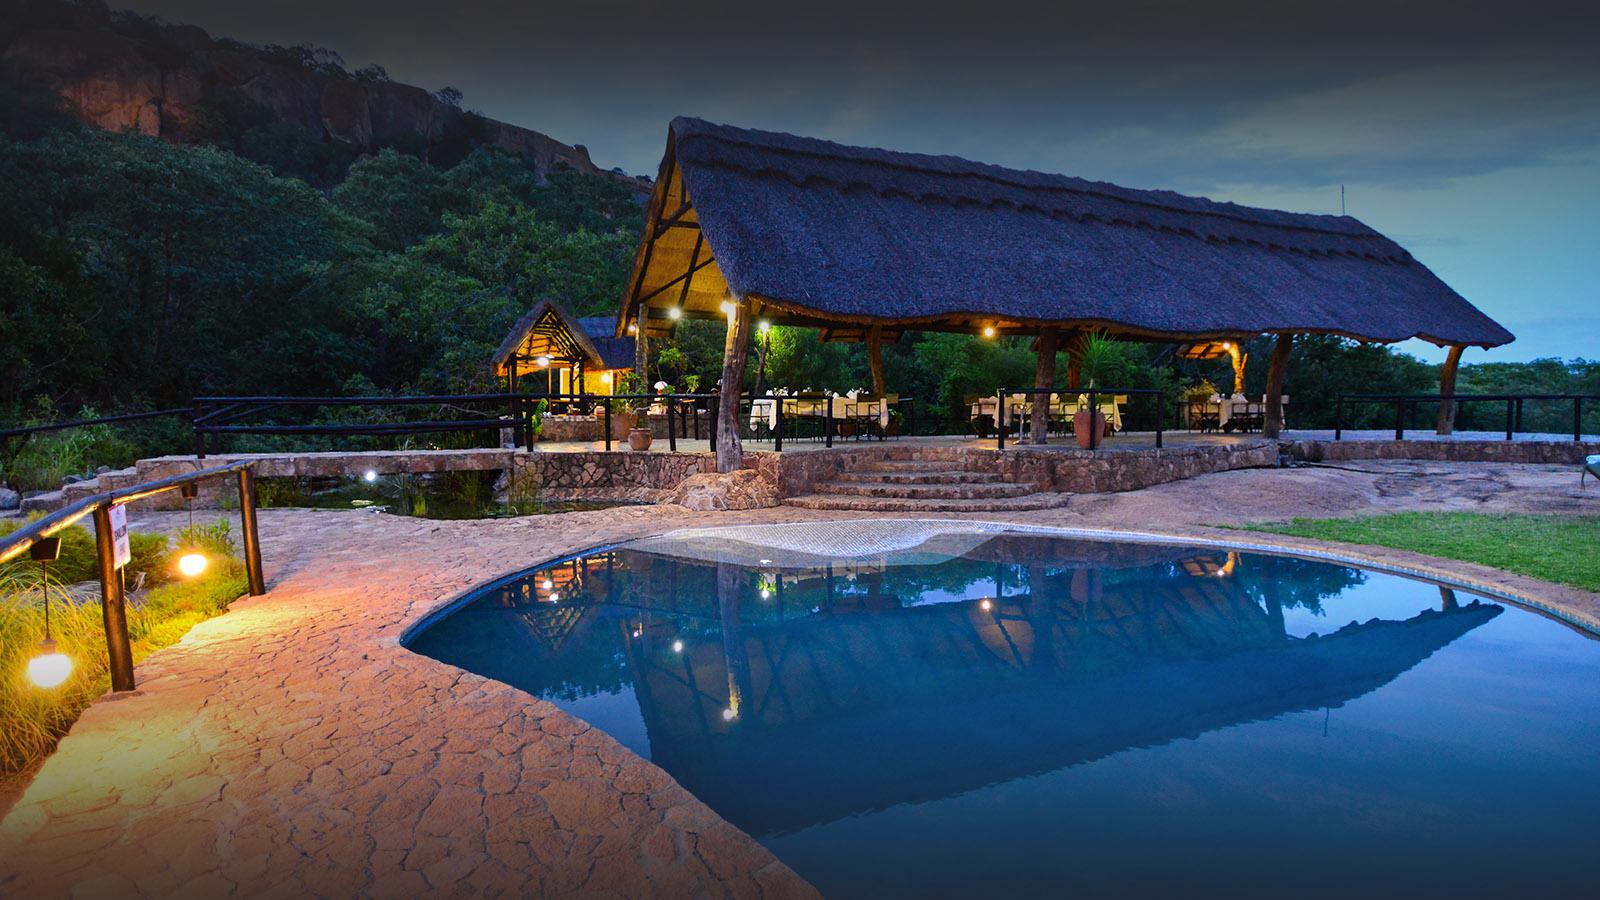 matobo hills lodge-zimbabwe-lodges-accommodation-matopos-matobo-national-park-pool-outdoors